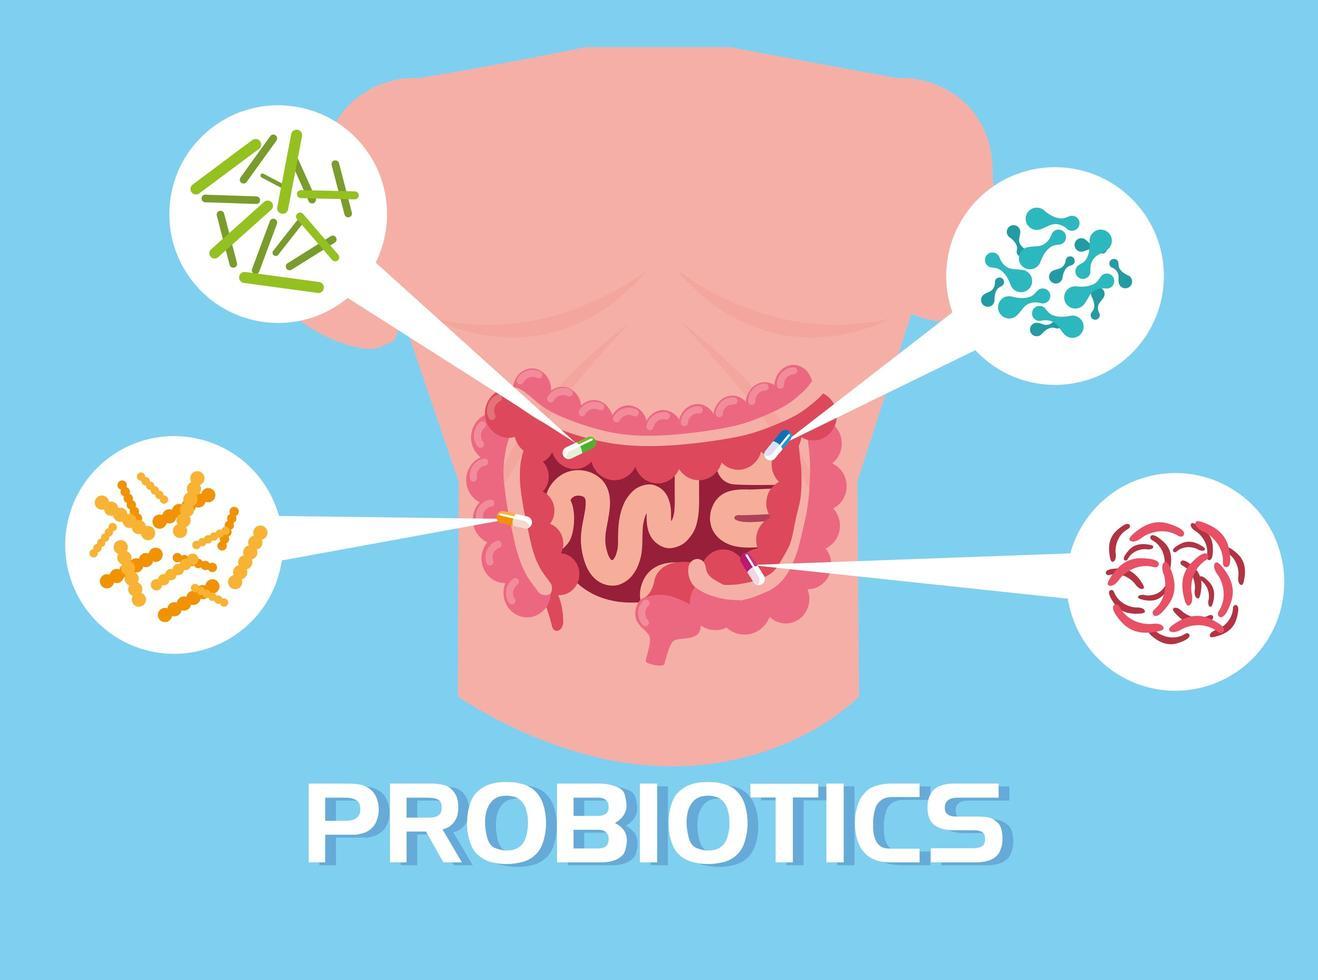 parte del cuerpo con organismos probióticos vector